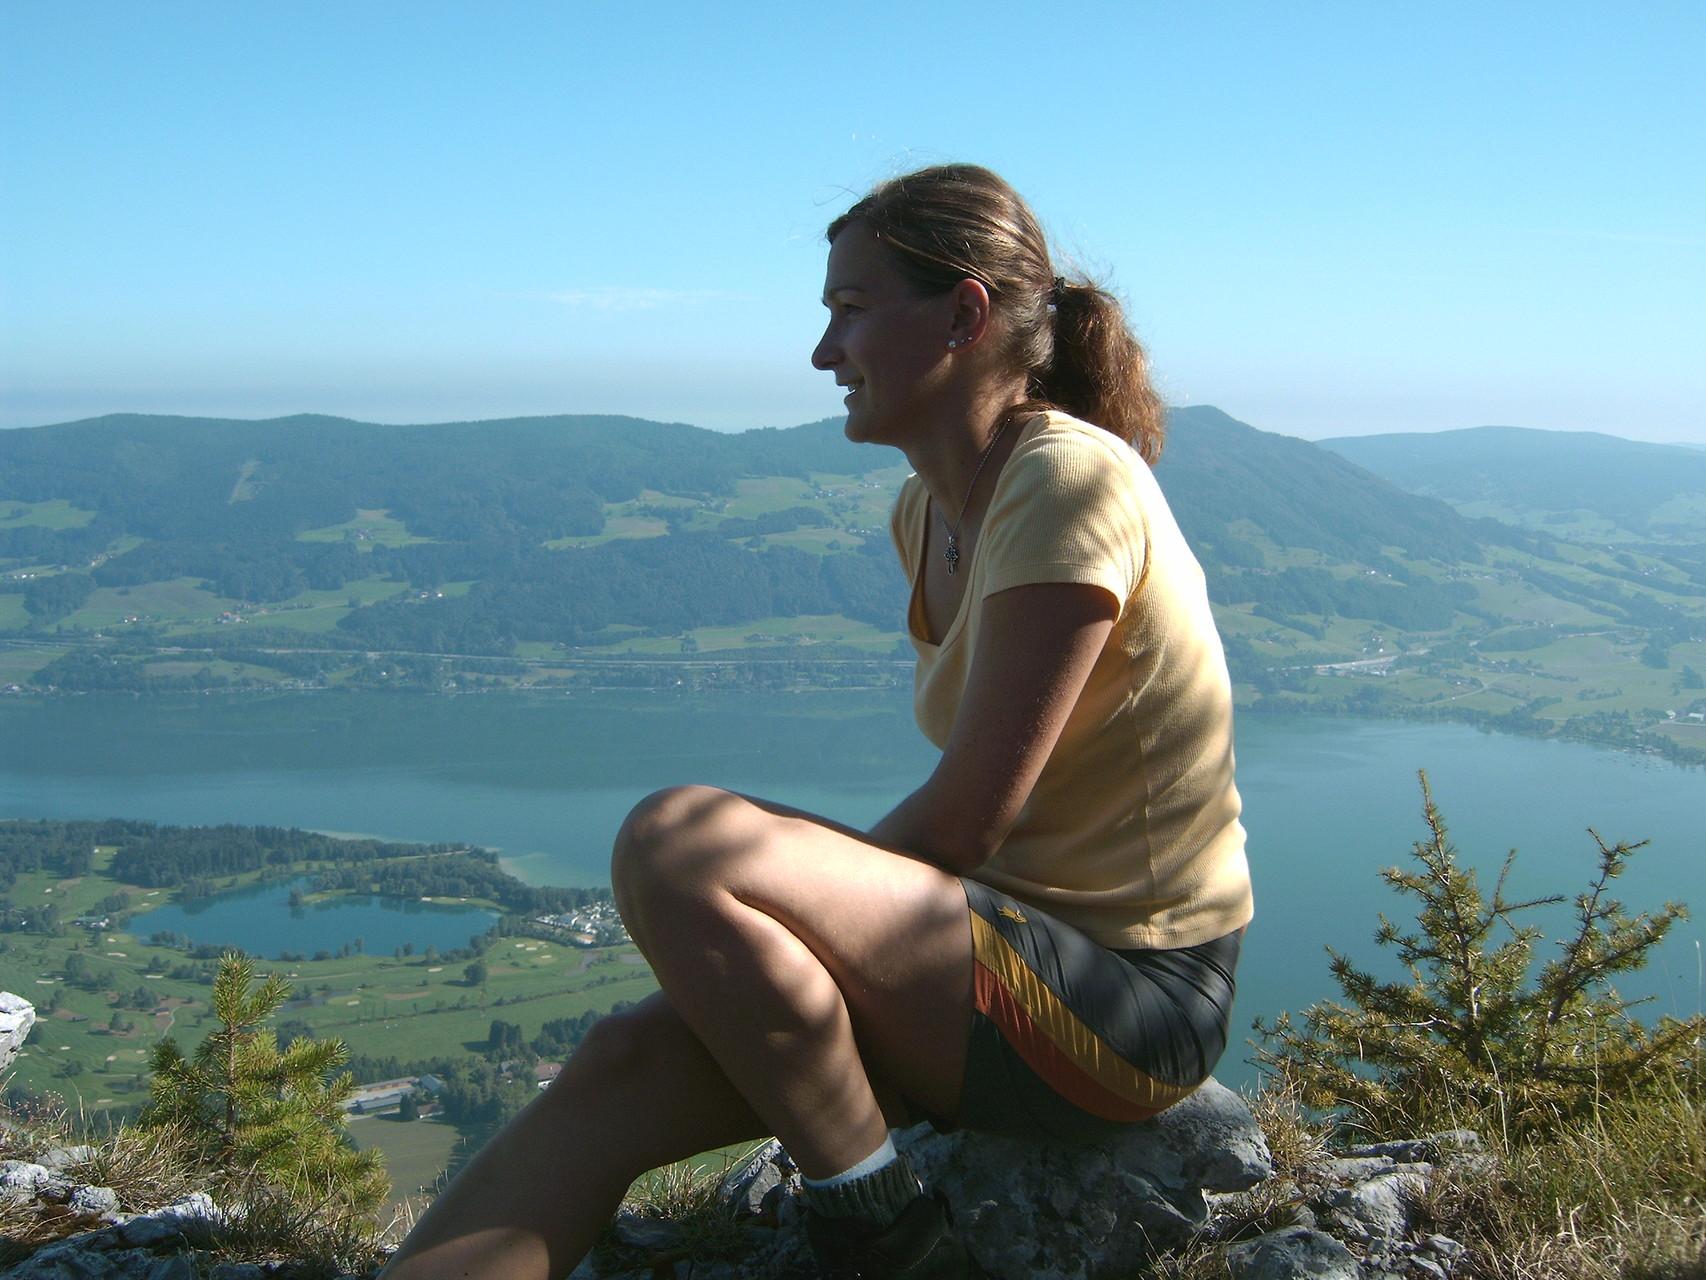 Gipfelerlebnis auf der Drachenwand.